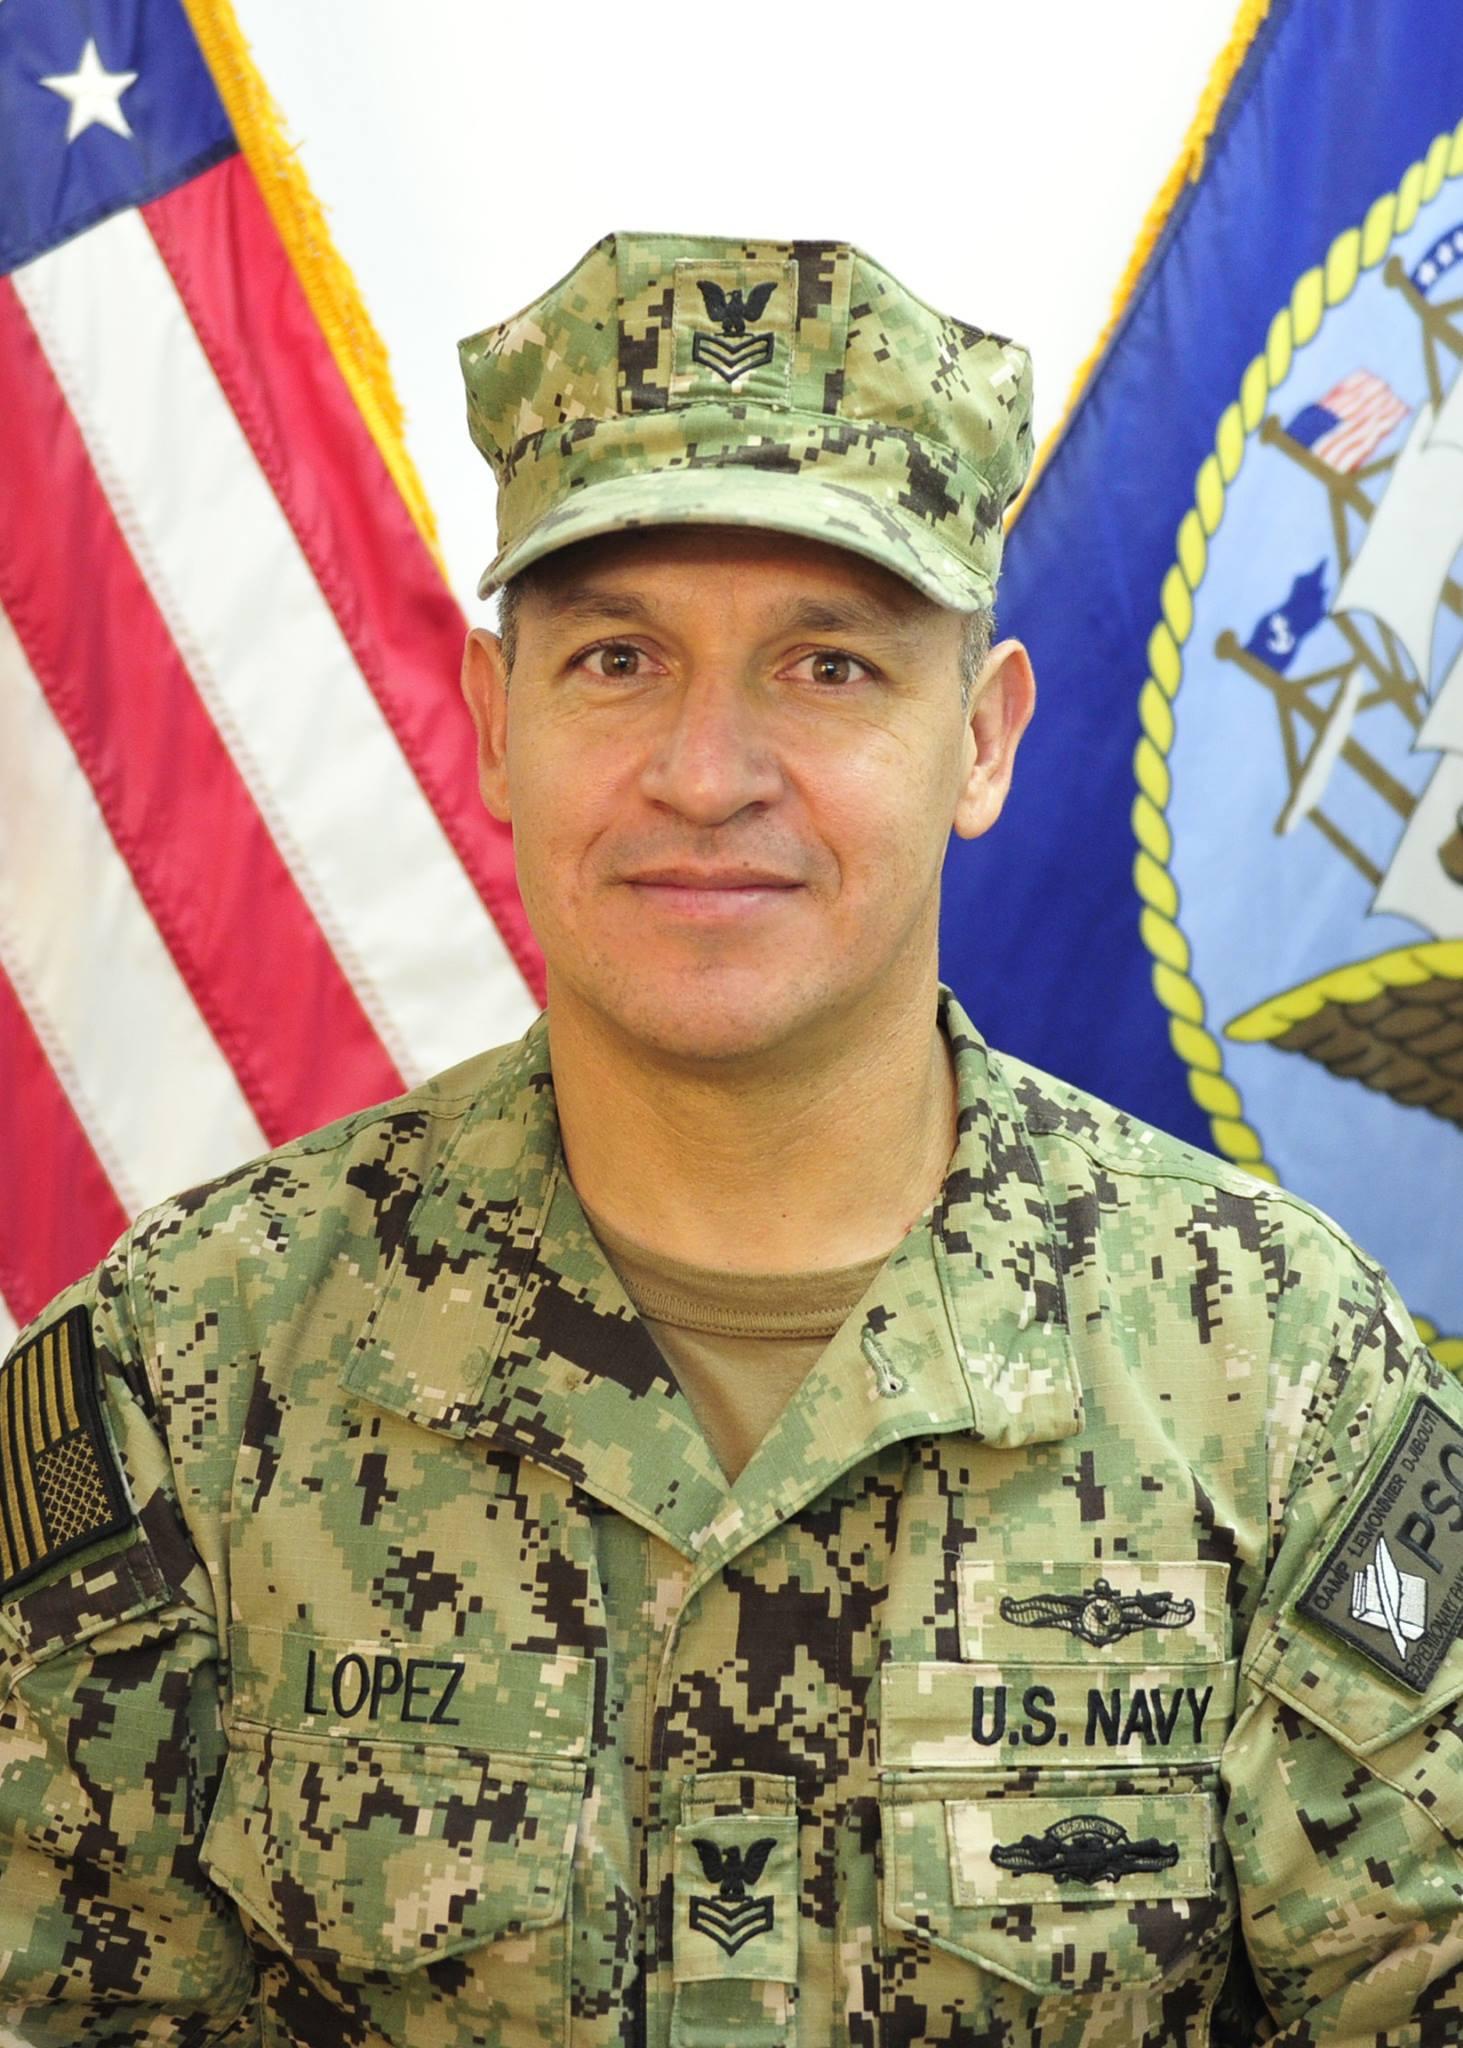 Naftali Lopez